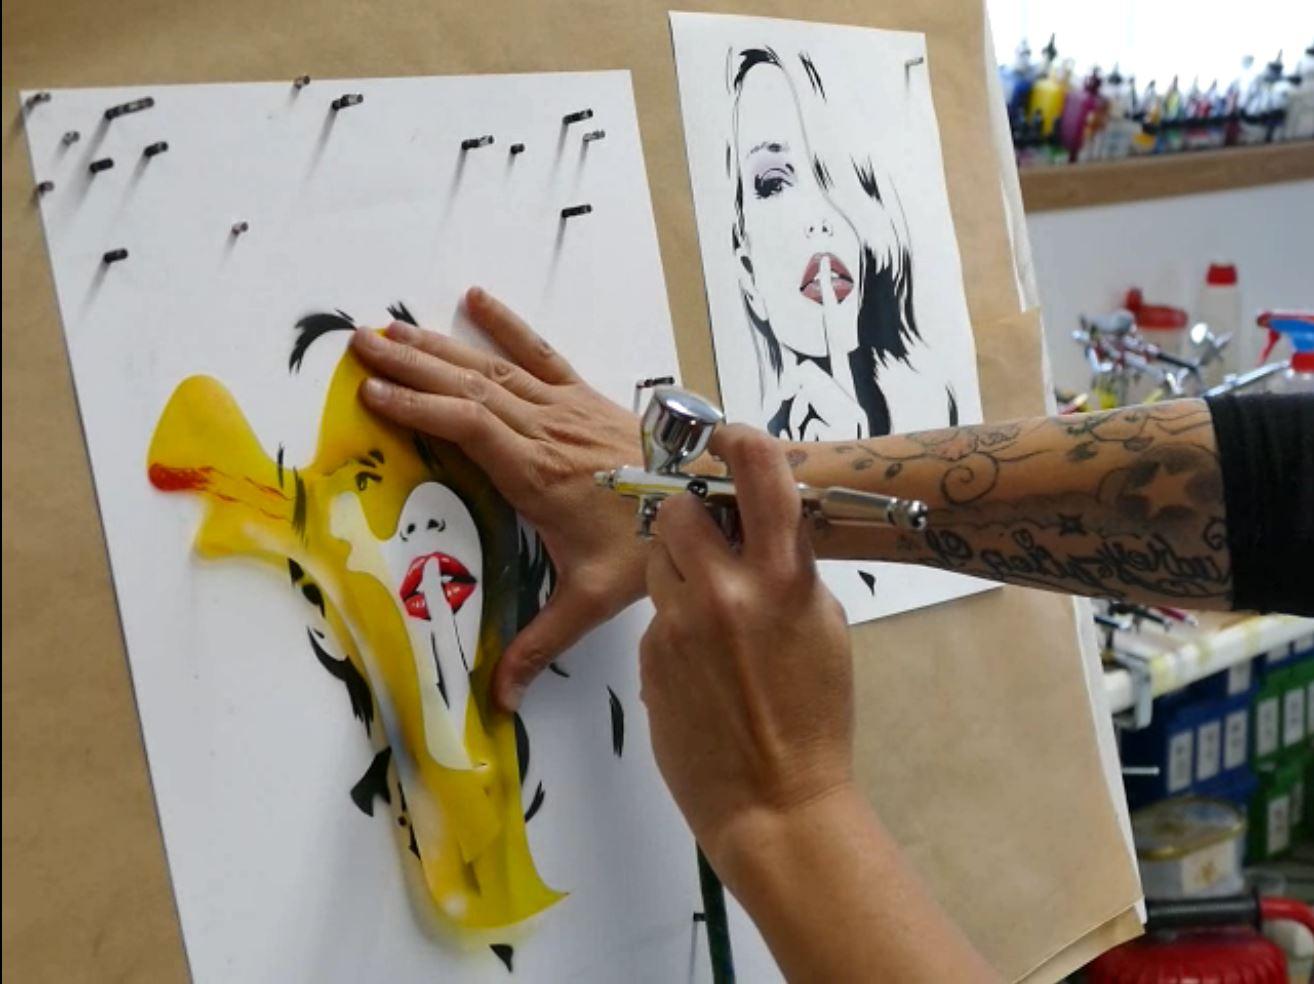 cours arographe portraits de femme avec pochoirs  Raymond Planchat peintre arographe cours de